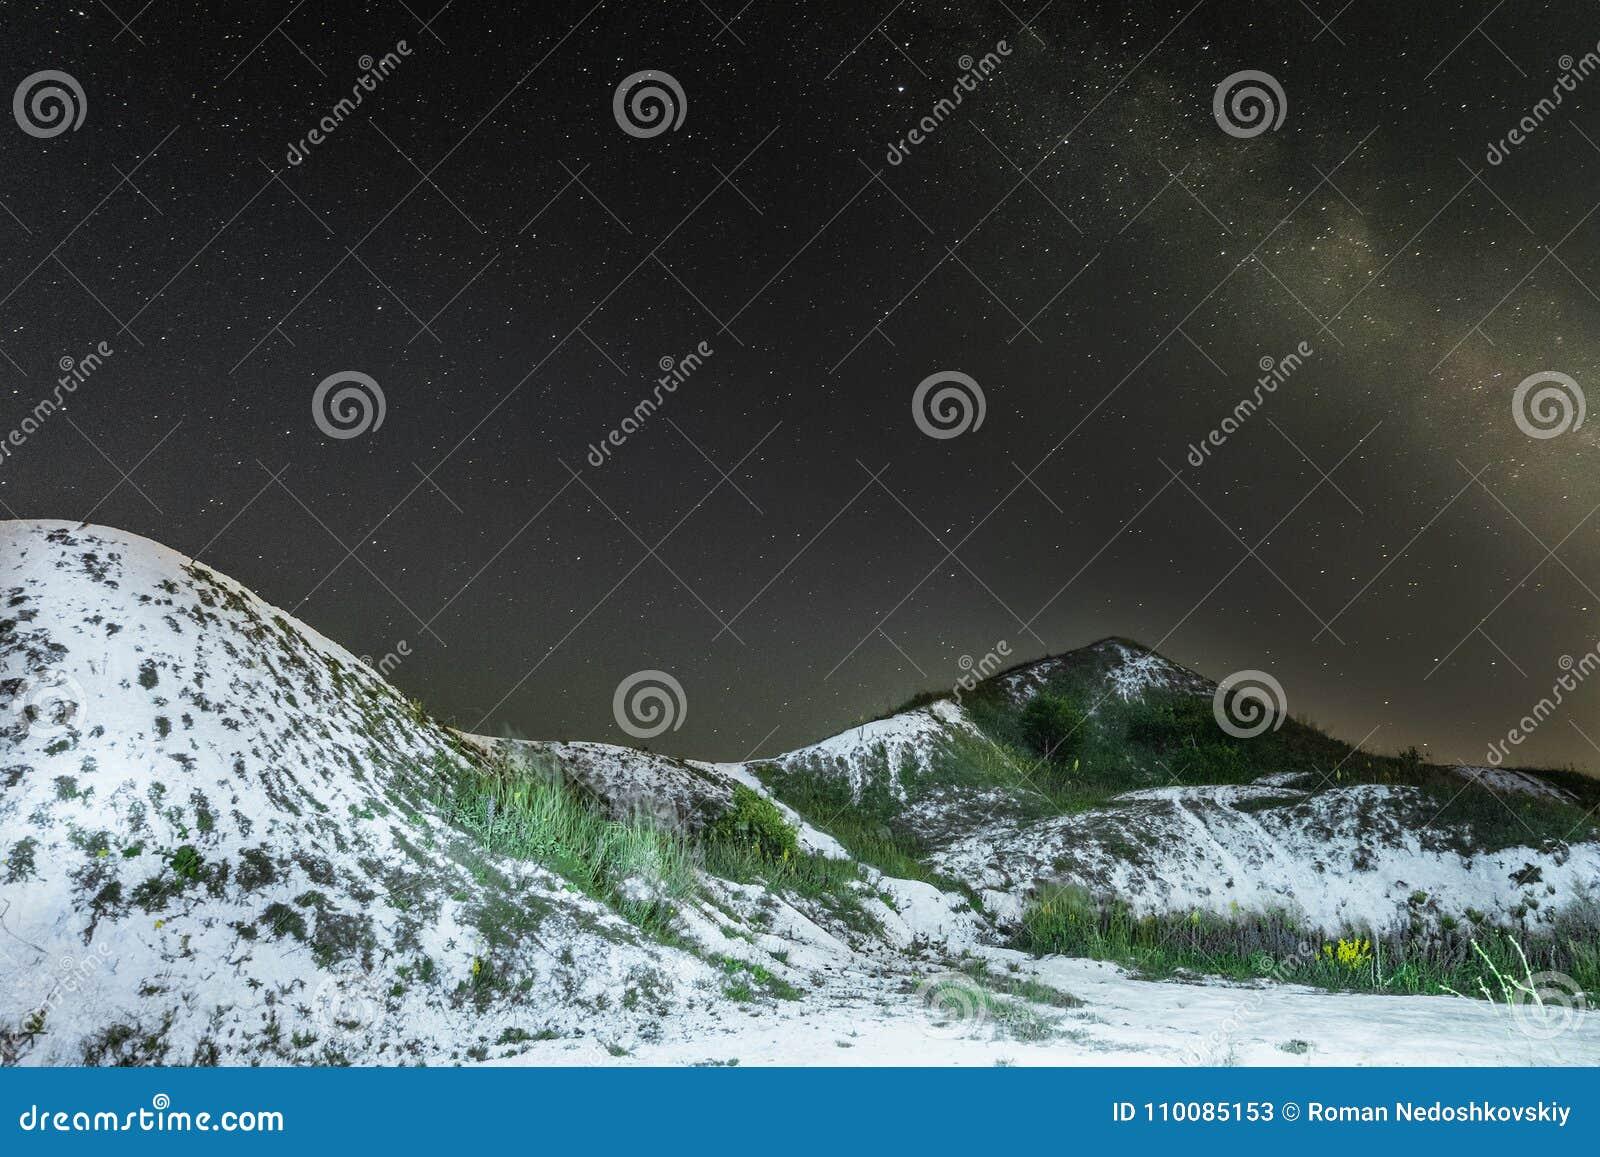 Sternenklarer nächtlicher Himmel mit Milchstraße über den weißen kreidigen Hügeln Nachtnaturlandschaft mit Kreidekanten